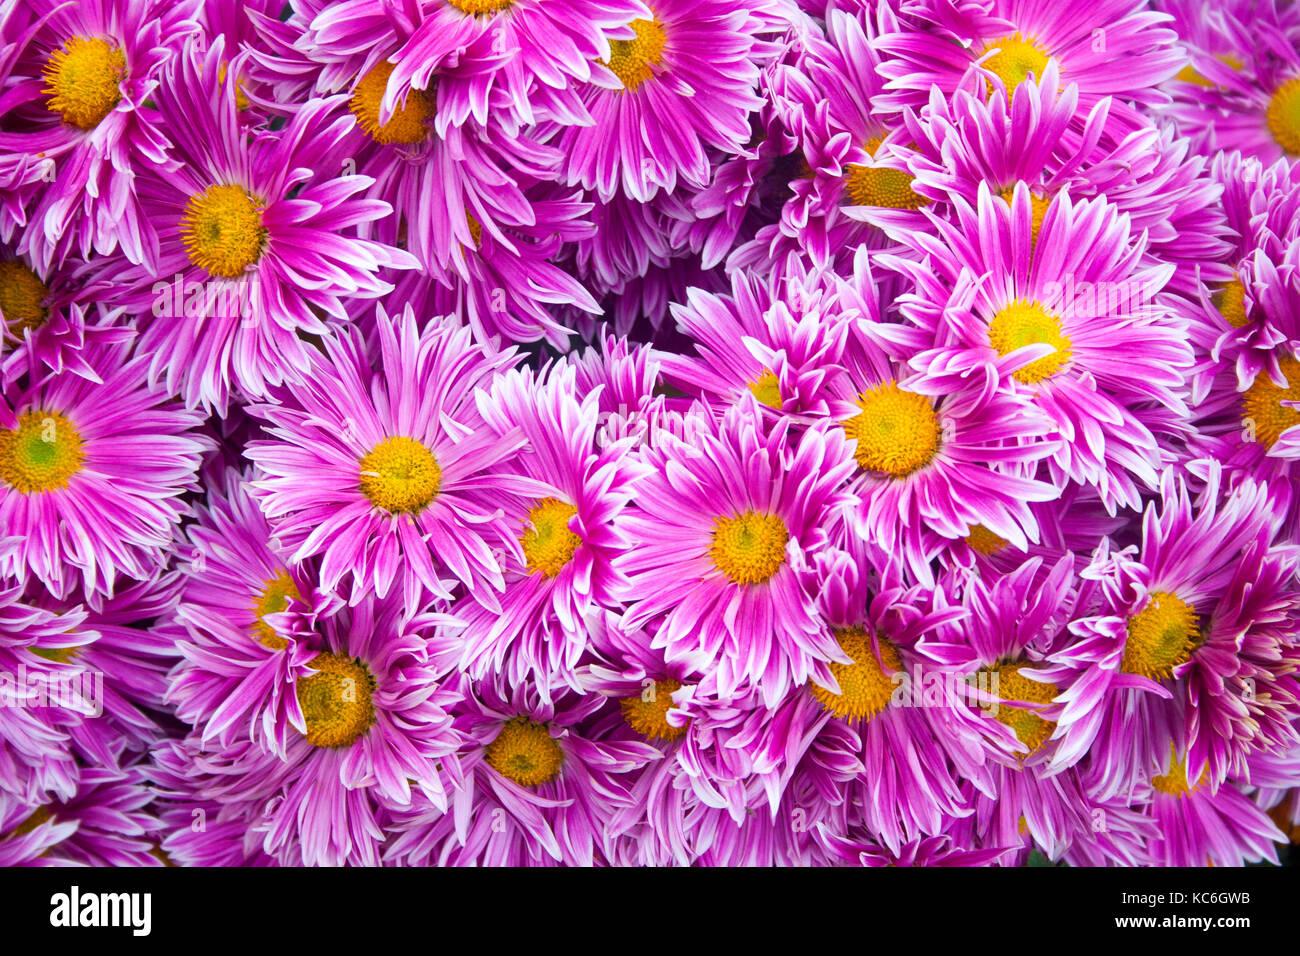 Schöne Rosa Chrysanthemen Als Hintergrund Bild Chrysantheme